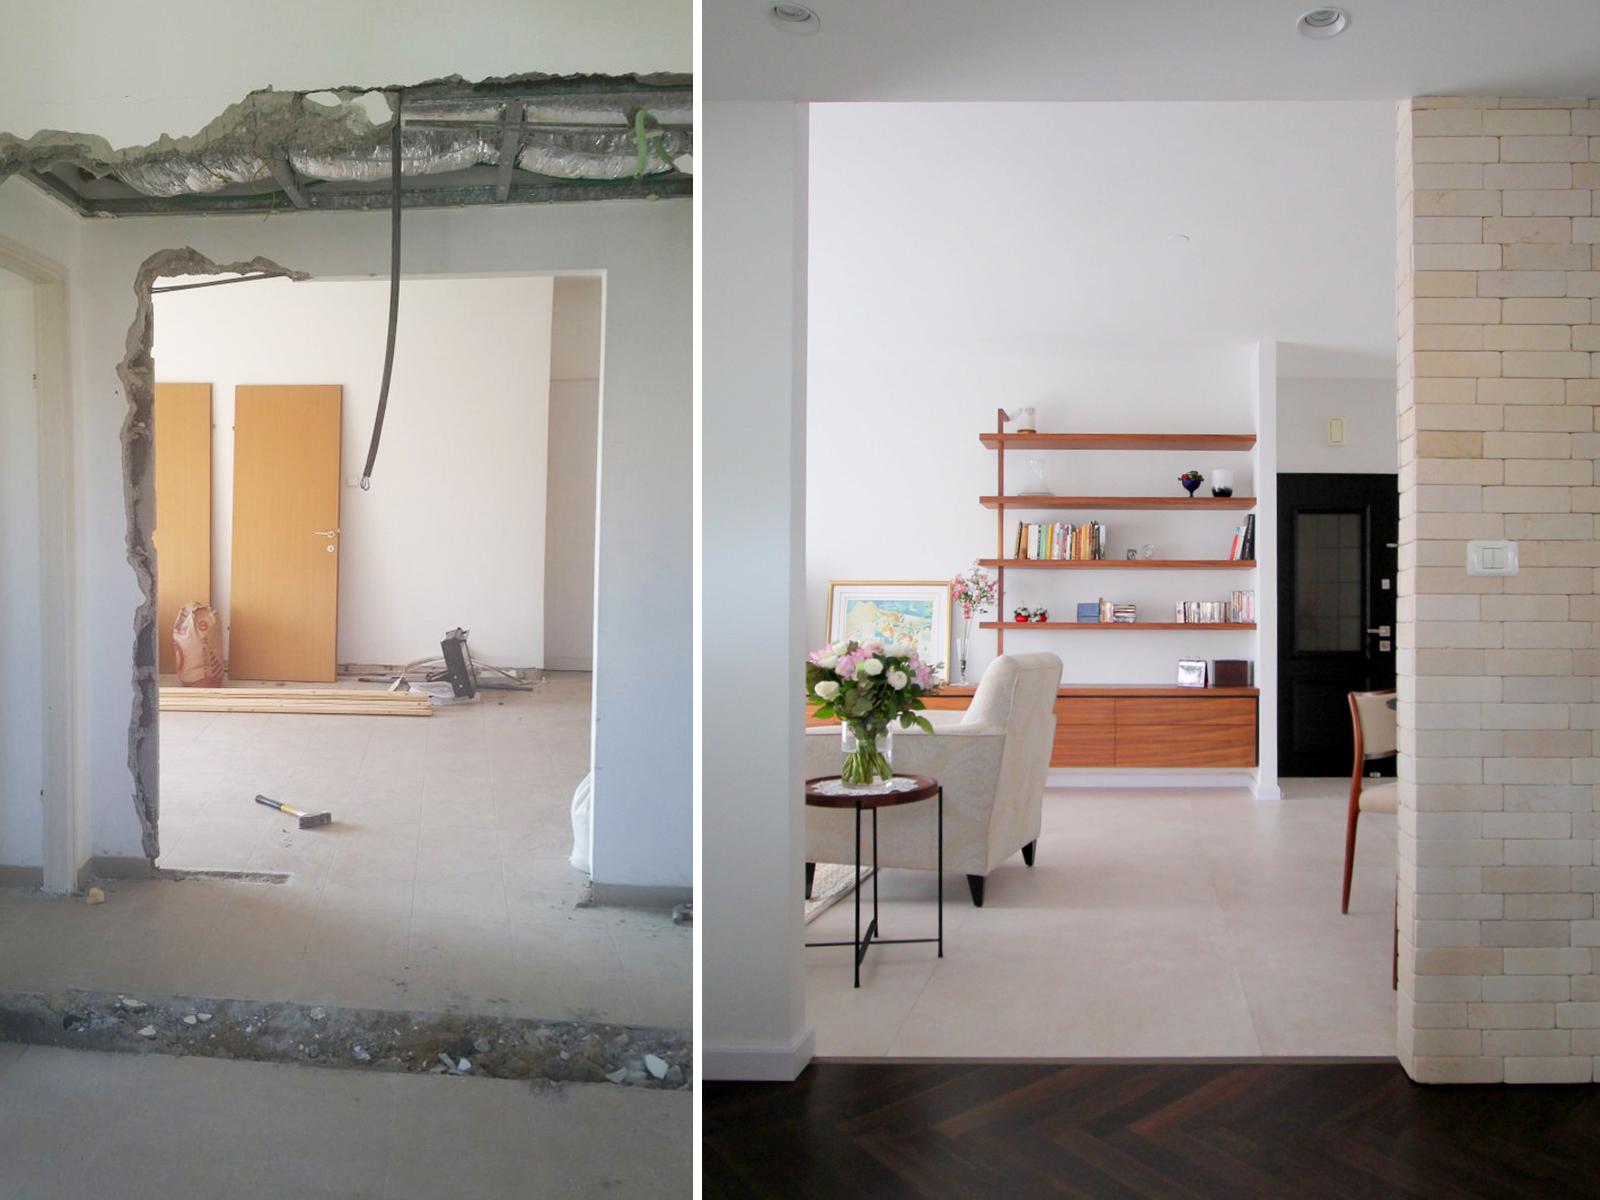 לפני ואחרי כניסה לבית עיצוב וצילום לירון גונן